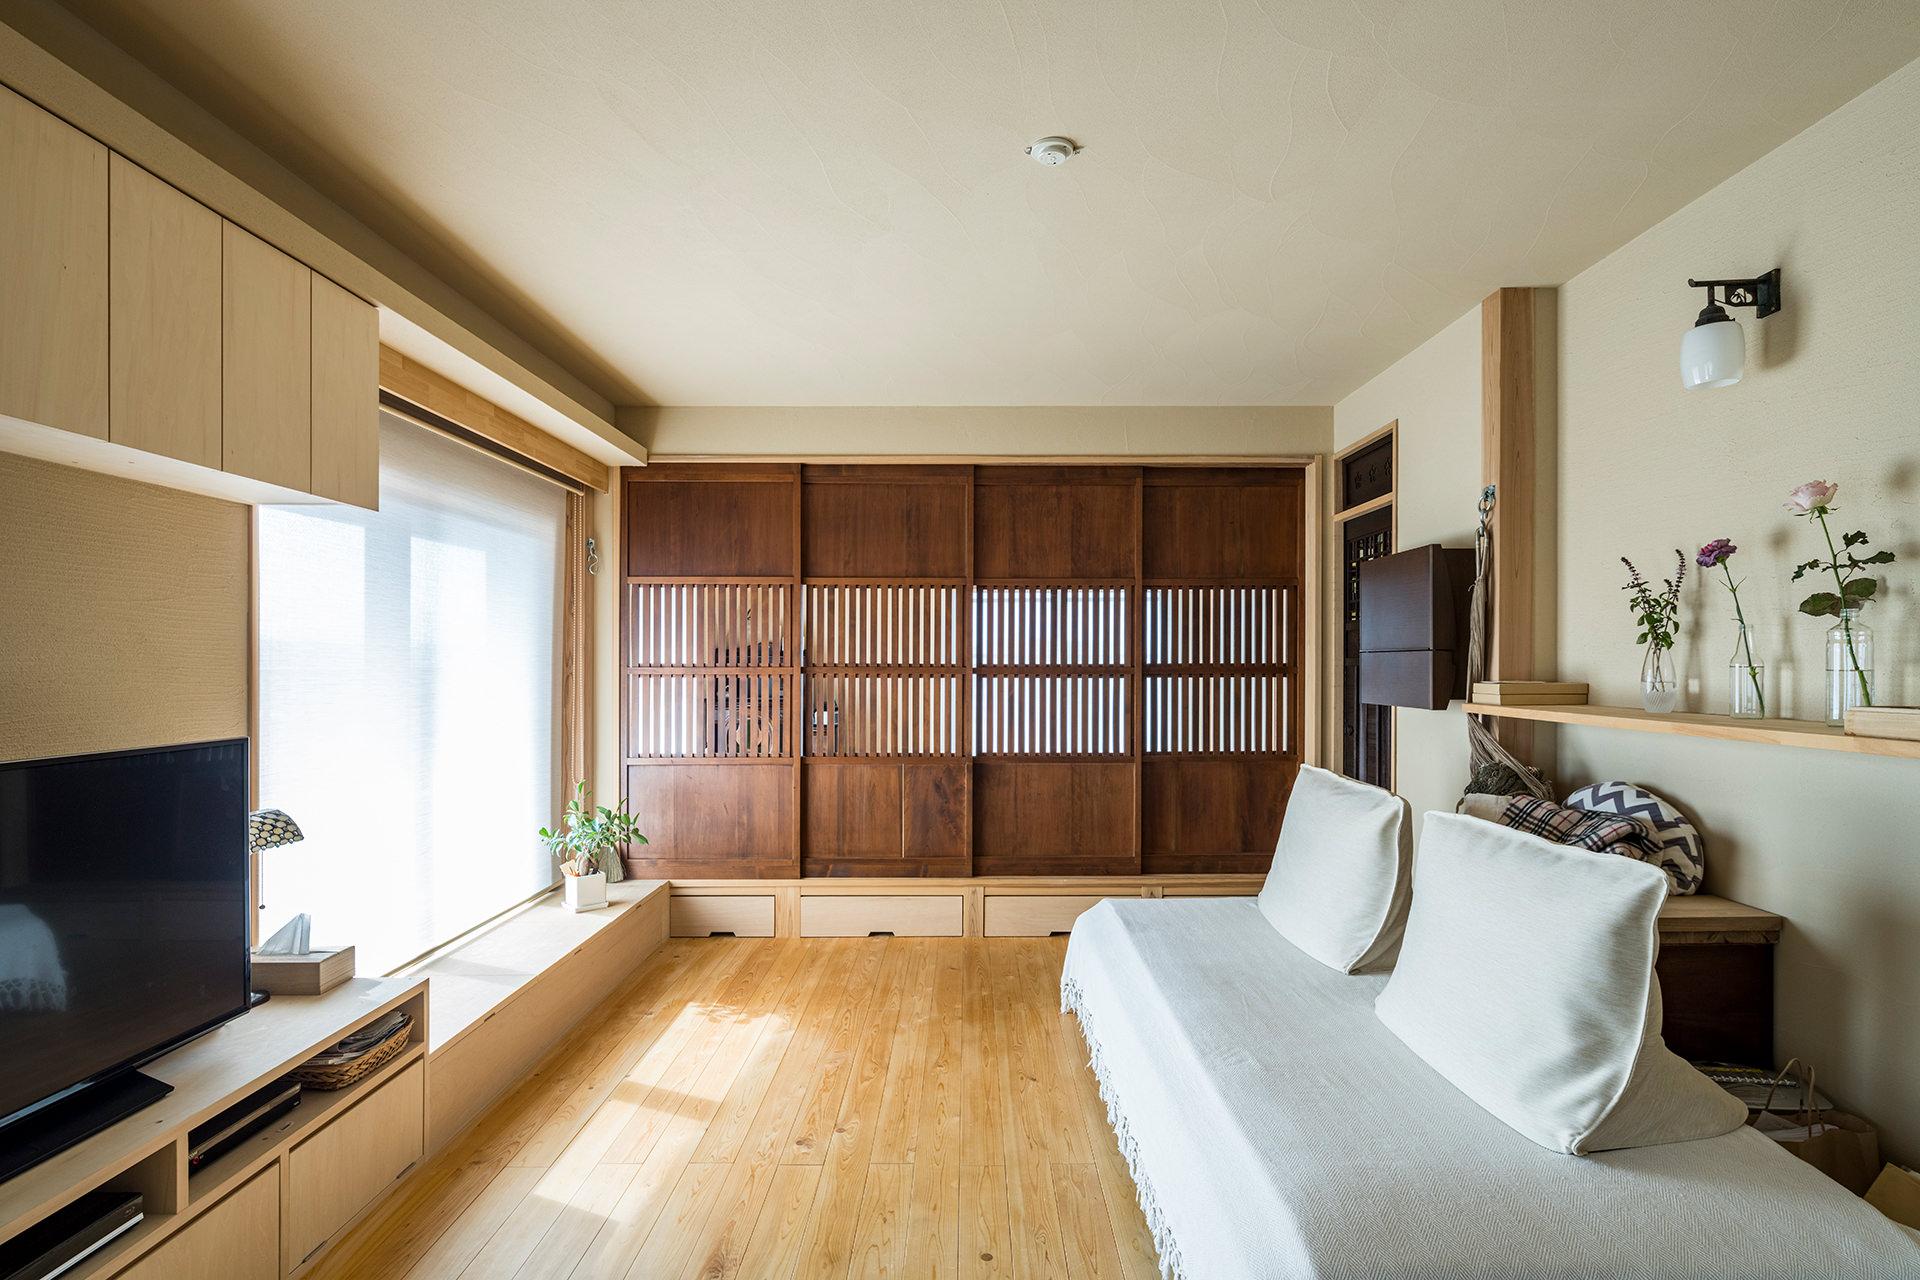 好きなものに囲まれて森林浴する古民家のような家 | こだわりの自然素材・天然素材の注文住宅・リノベーション(フルリフォーム)の駿河屋